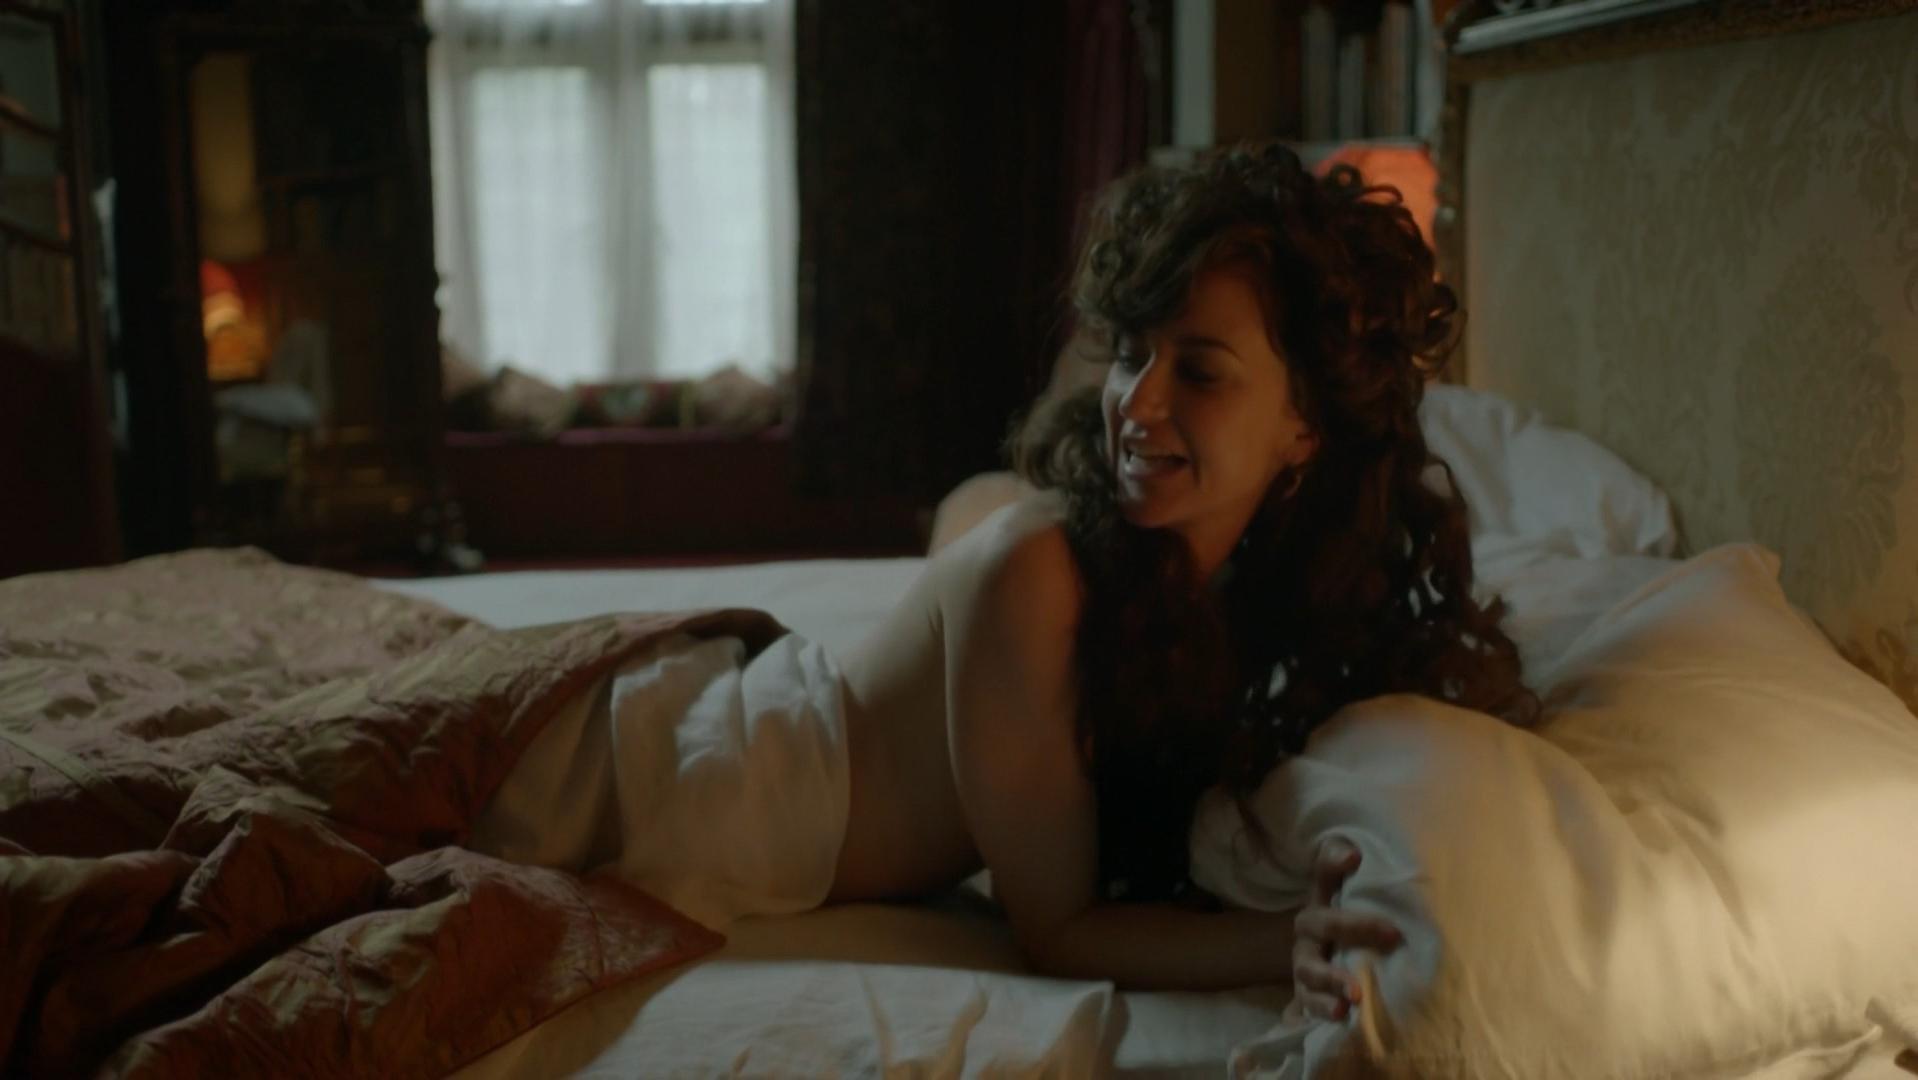 Lauren adams nude scene in night junkies scandalplanetcom - 2 part 7